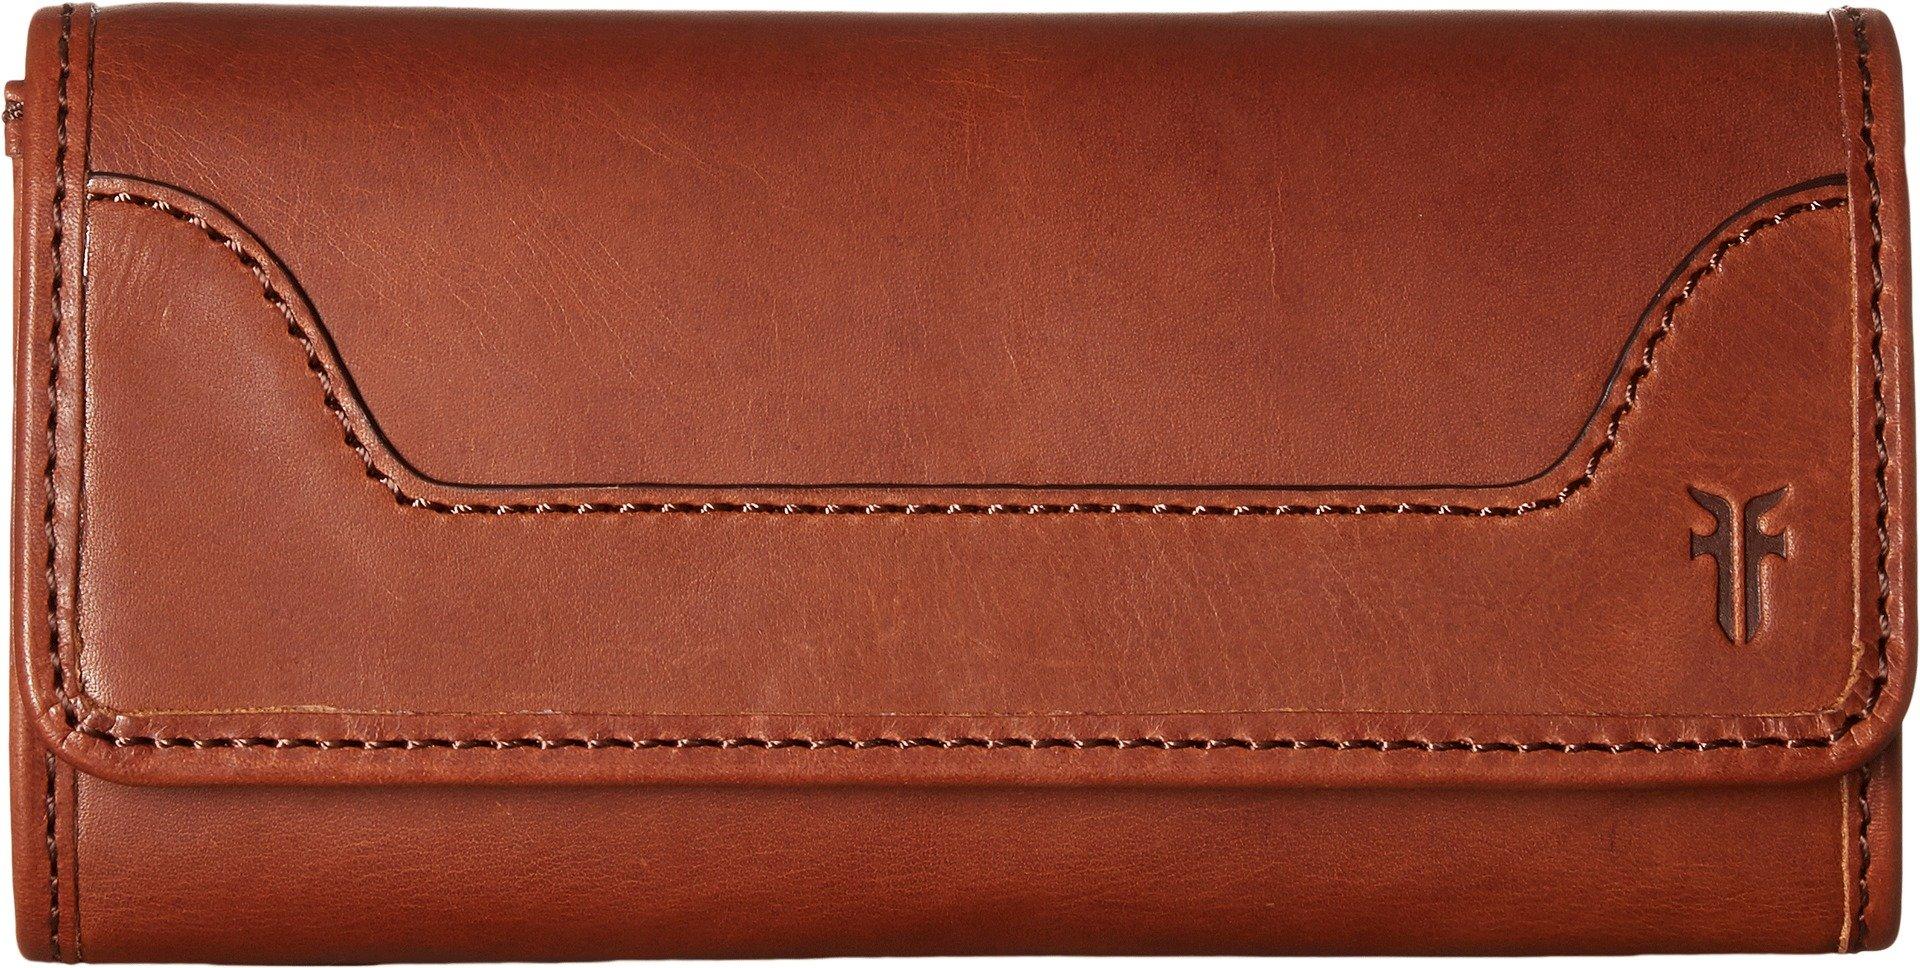 Frye Women's Melissa Zip Wallet Medium Brown One Size